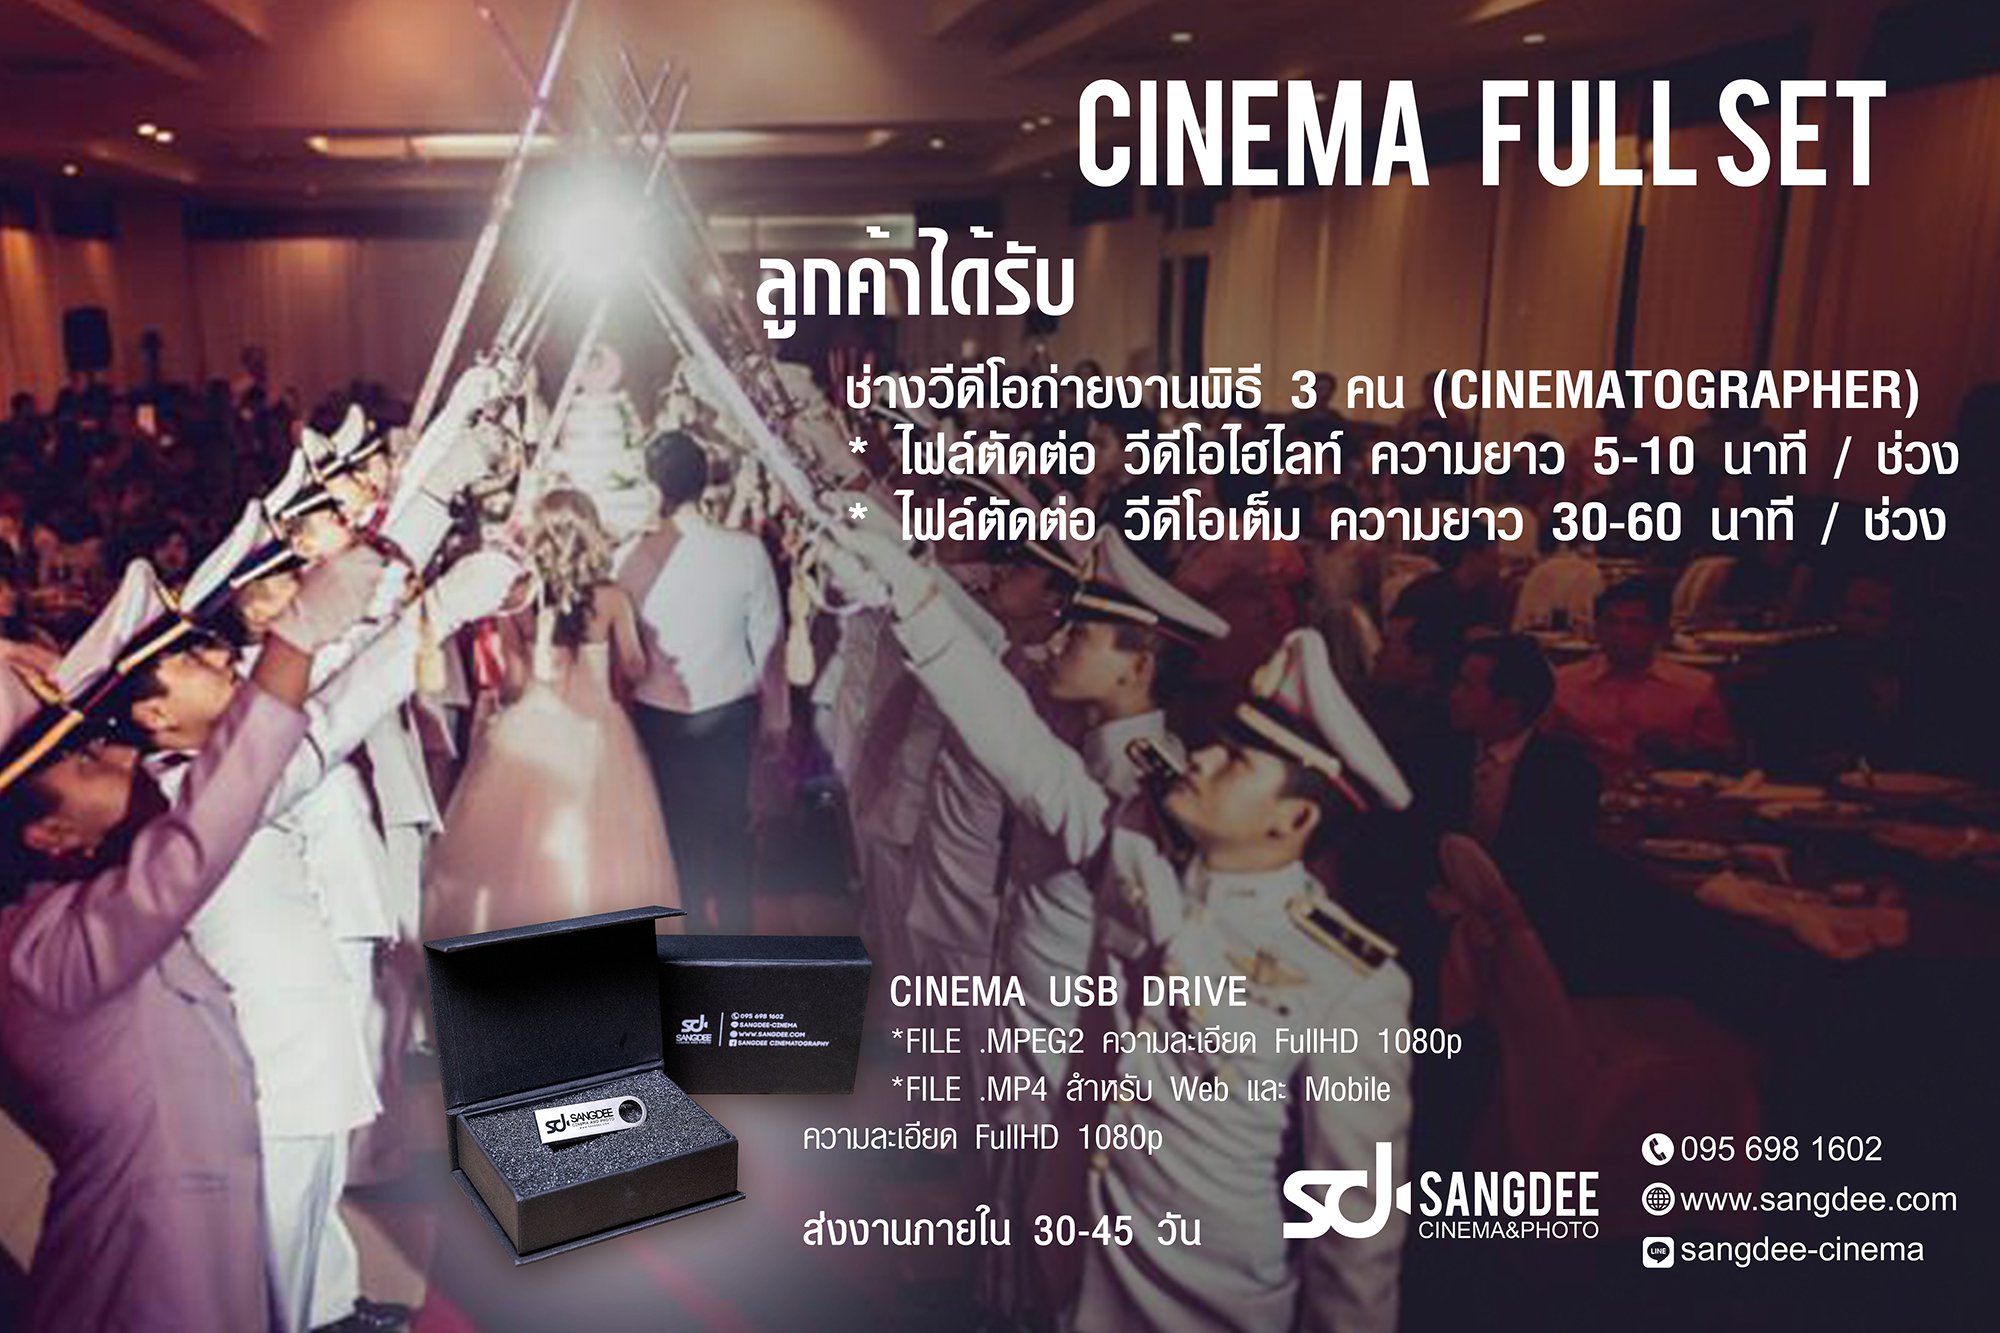 Cinema Full Set